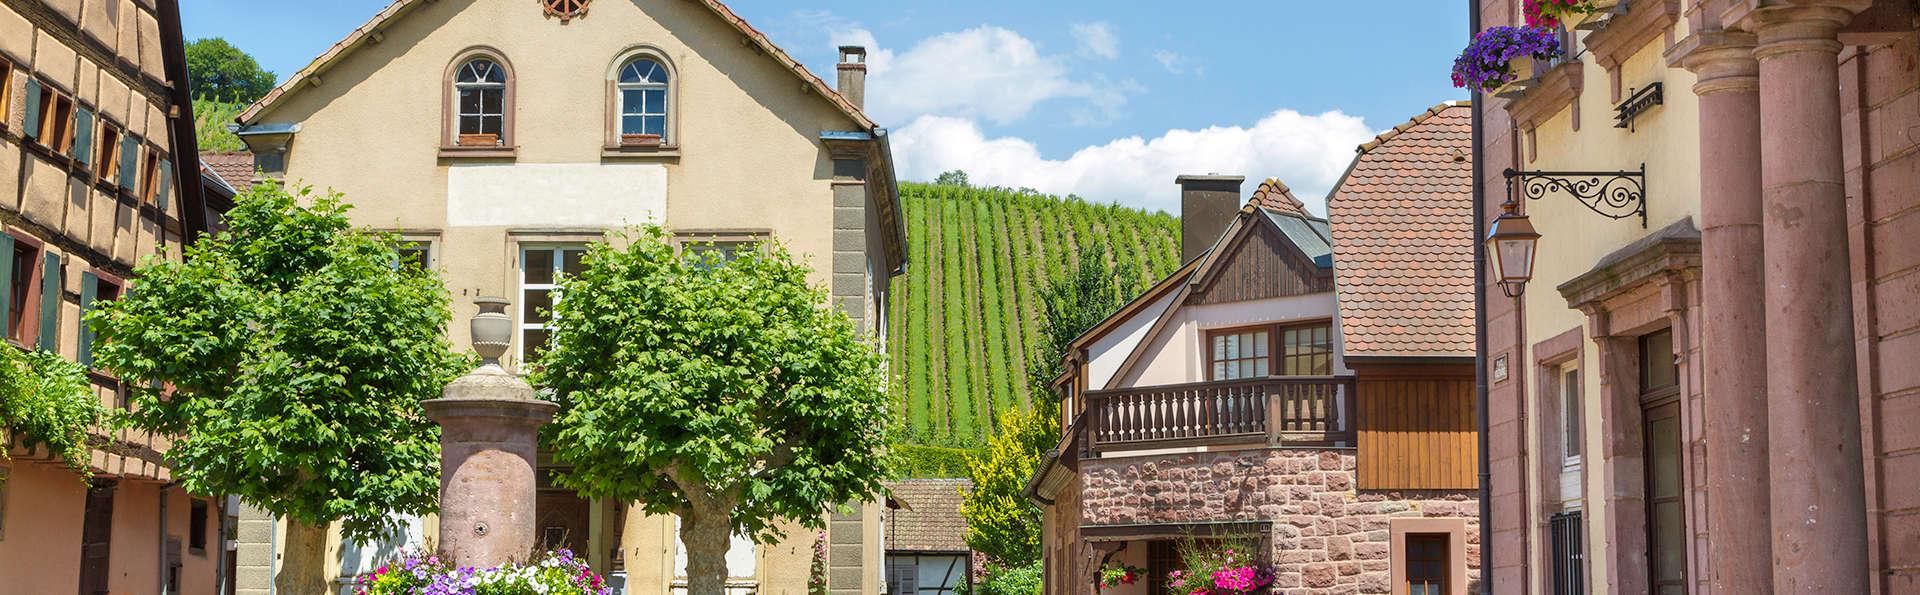 Week-end découverte avec dégustation de vins d'Alsace